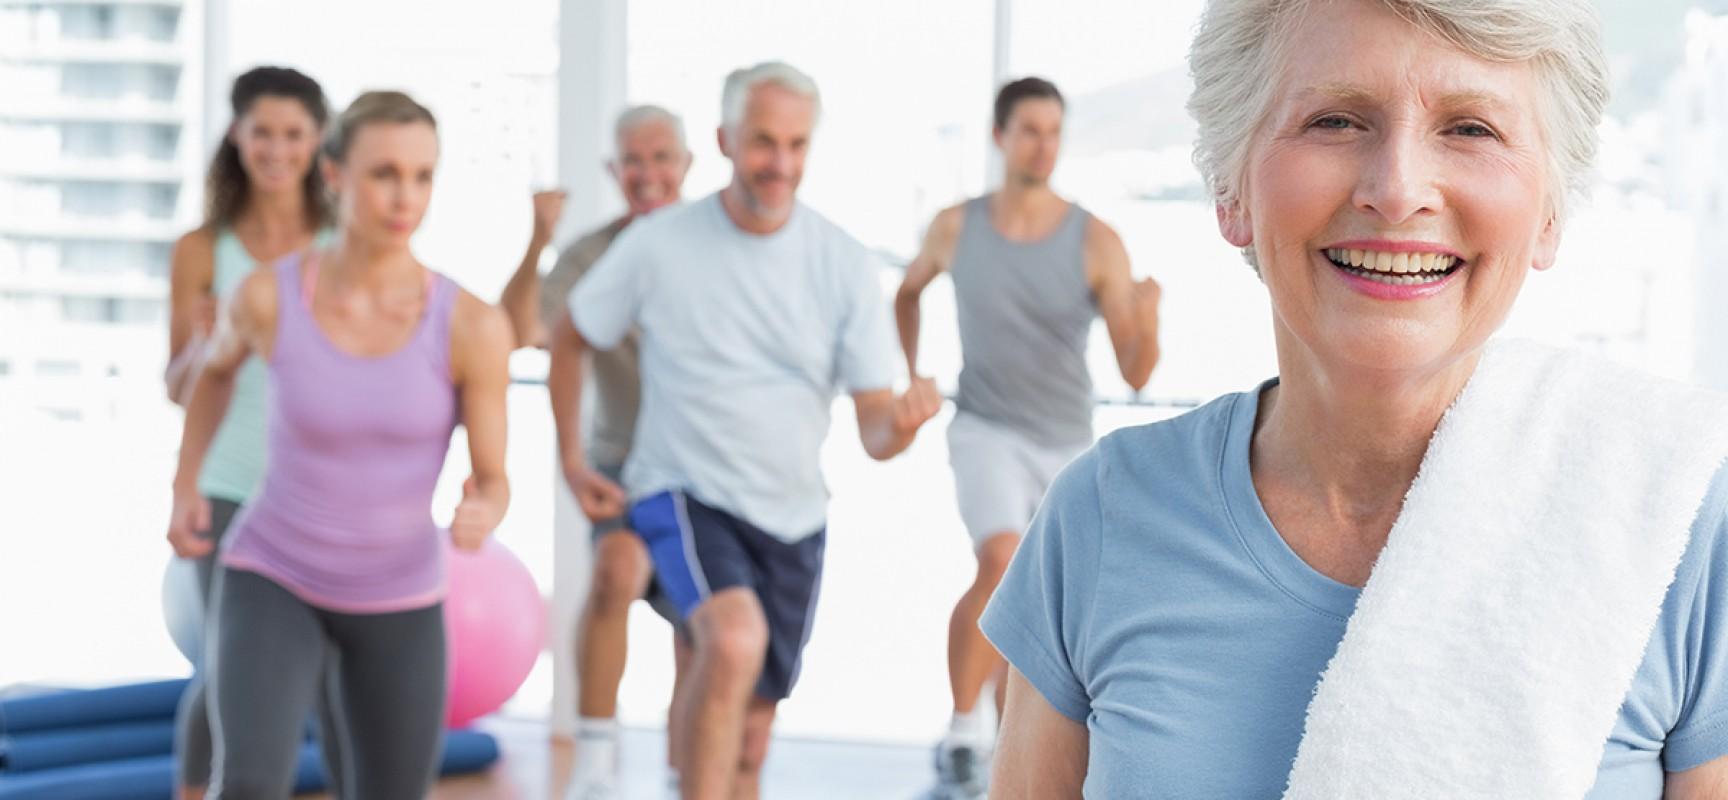 Dicas de exercícios para a melhor idade